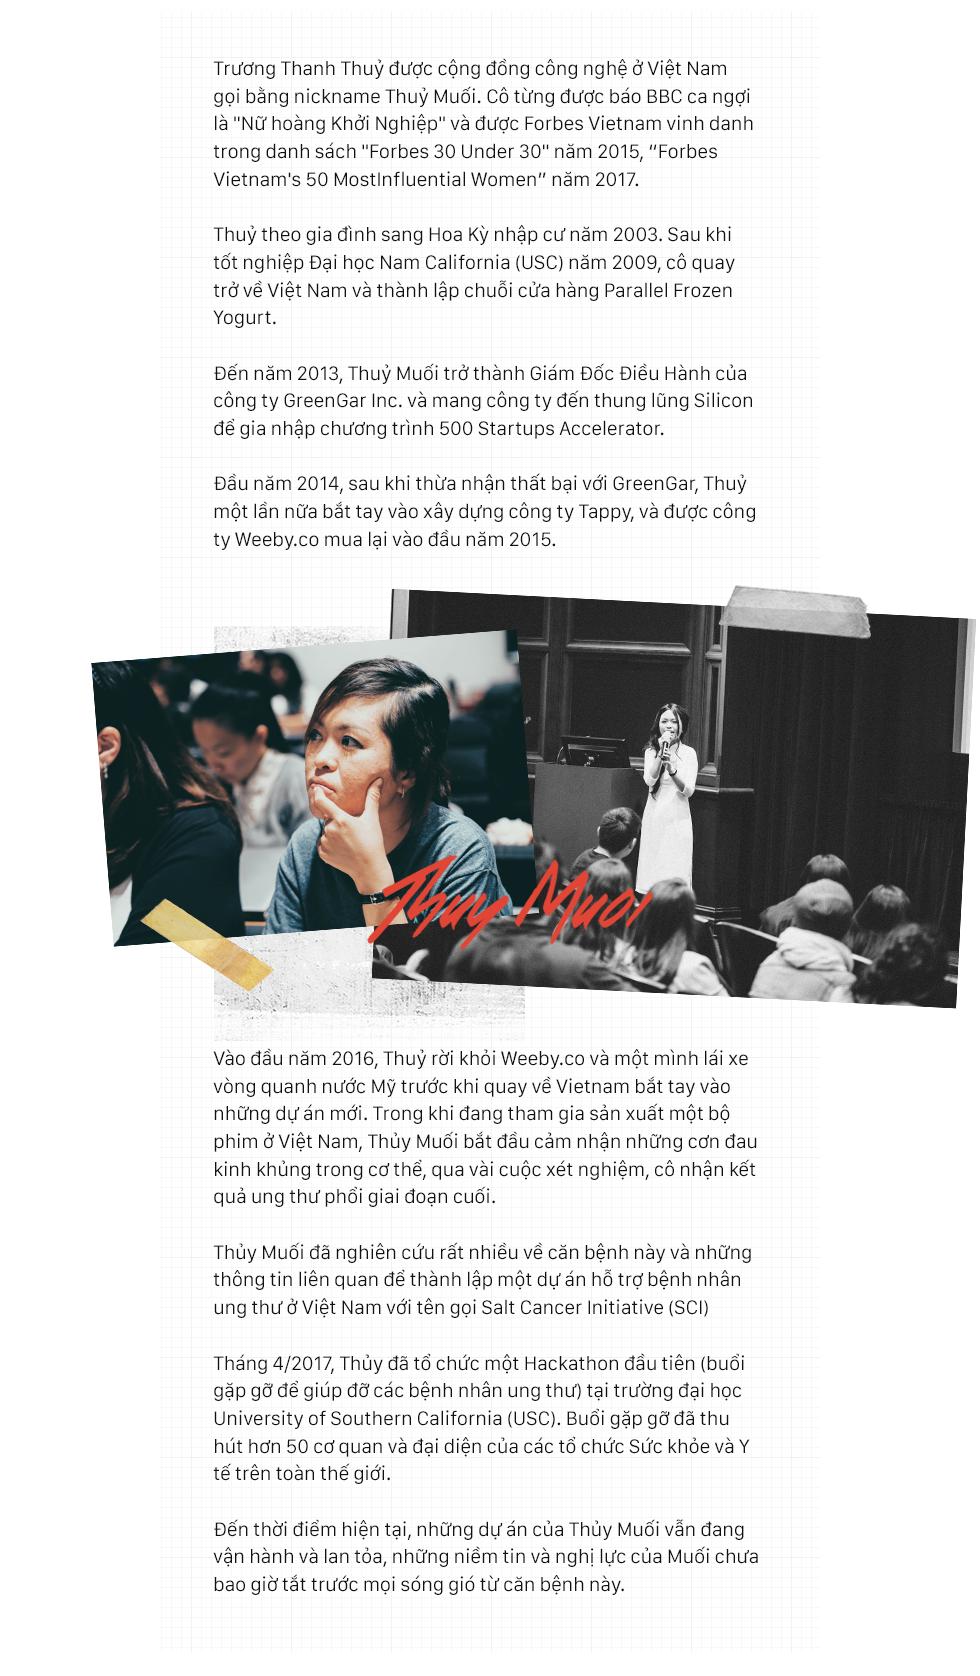 Nữ hoàng startup Thủy Muối: Bước vào trận chiến cận tử từ 'con số 0' và tái sinh sau một năm chiến đấu với ung thư - Ảnh 5.